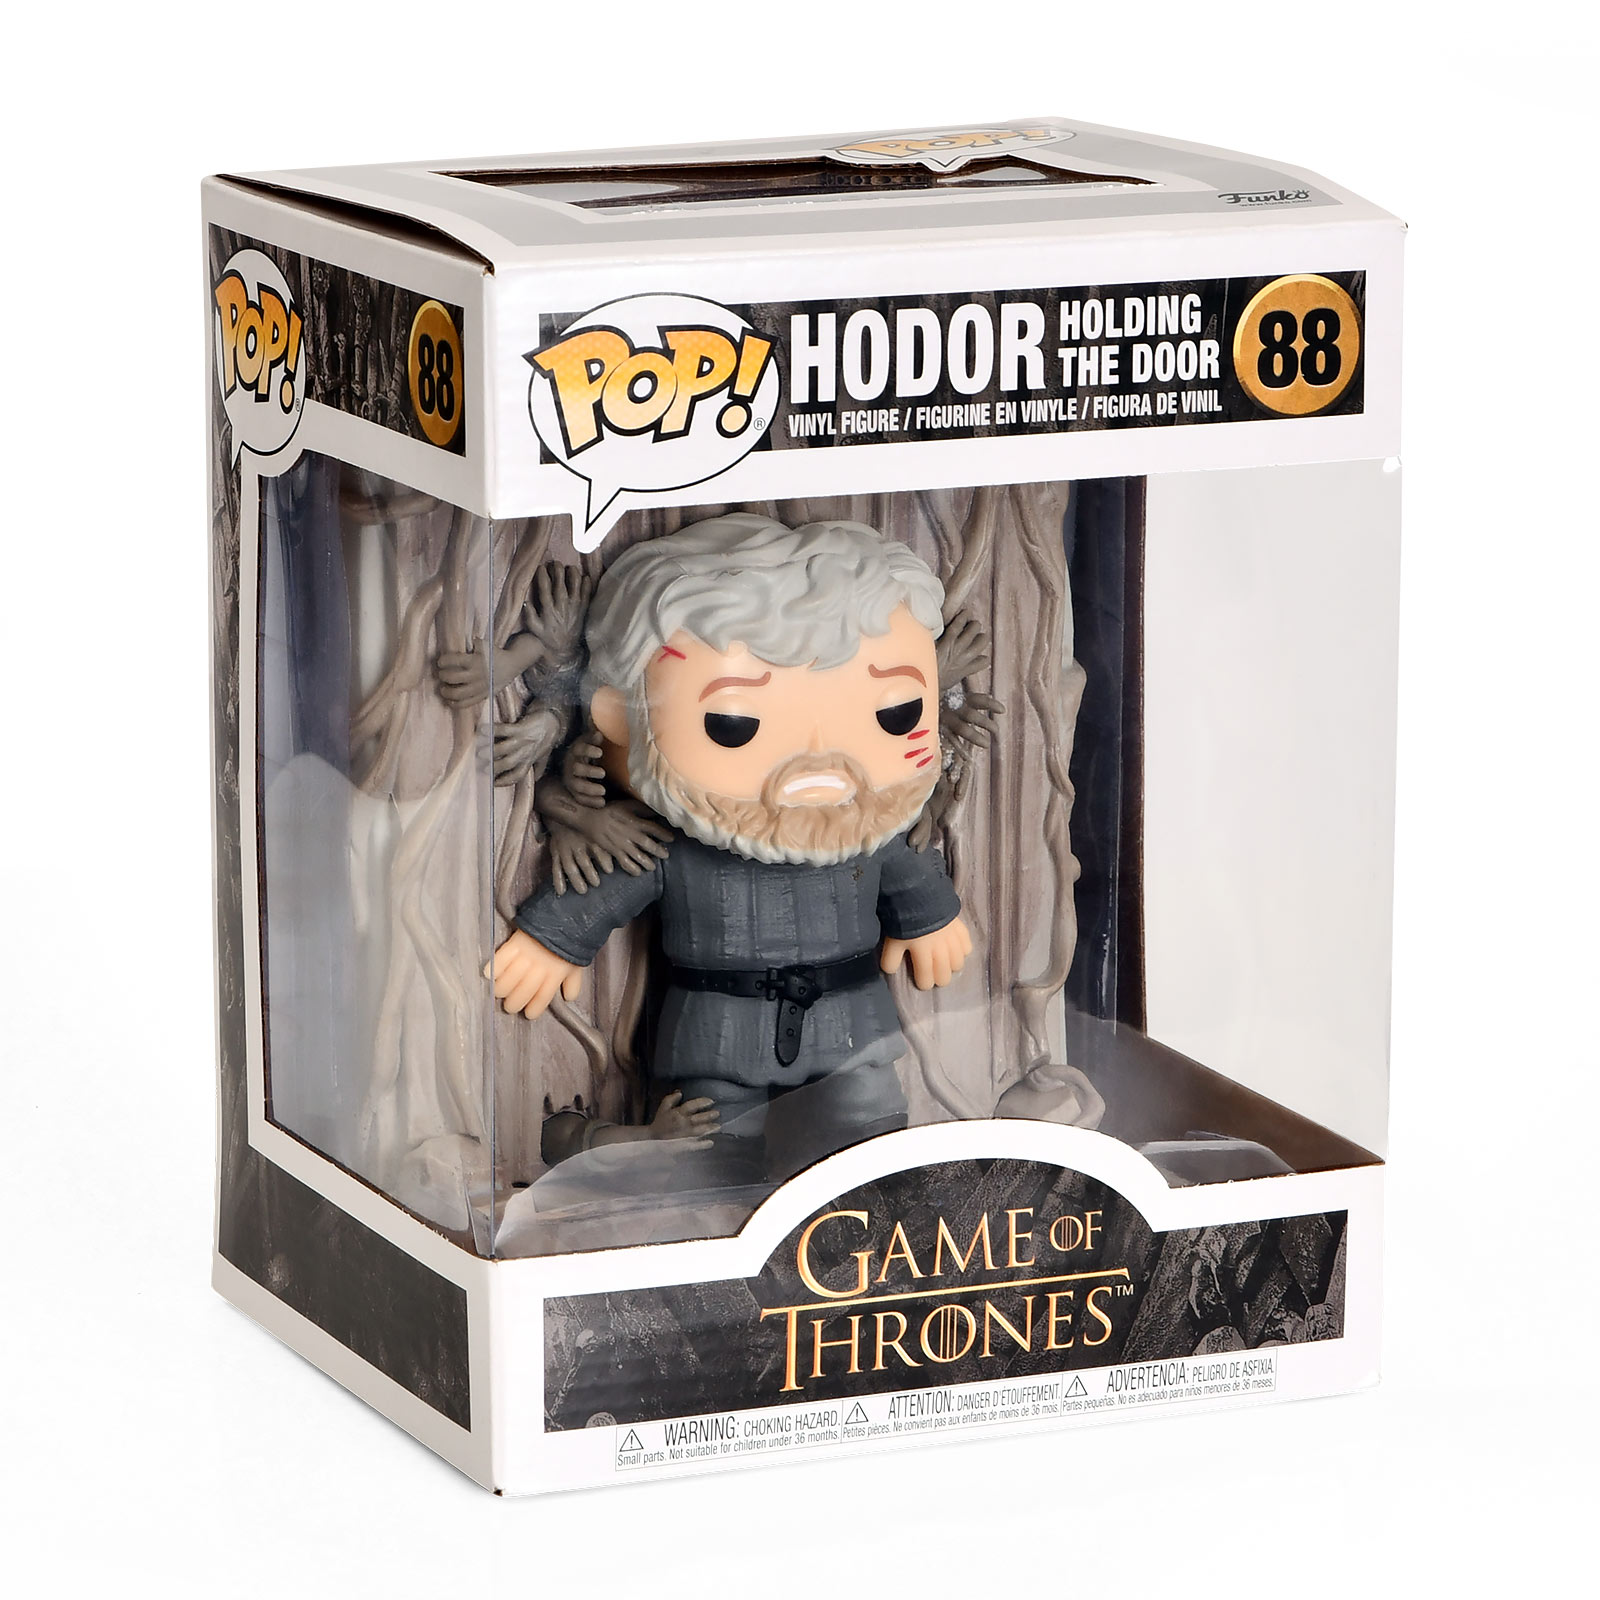 Game of Thrones - Hodor Hold the Door Funko Pop Figur